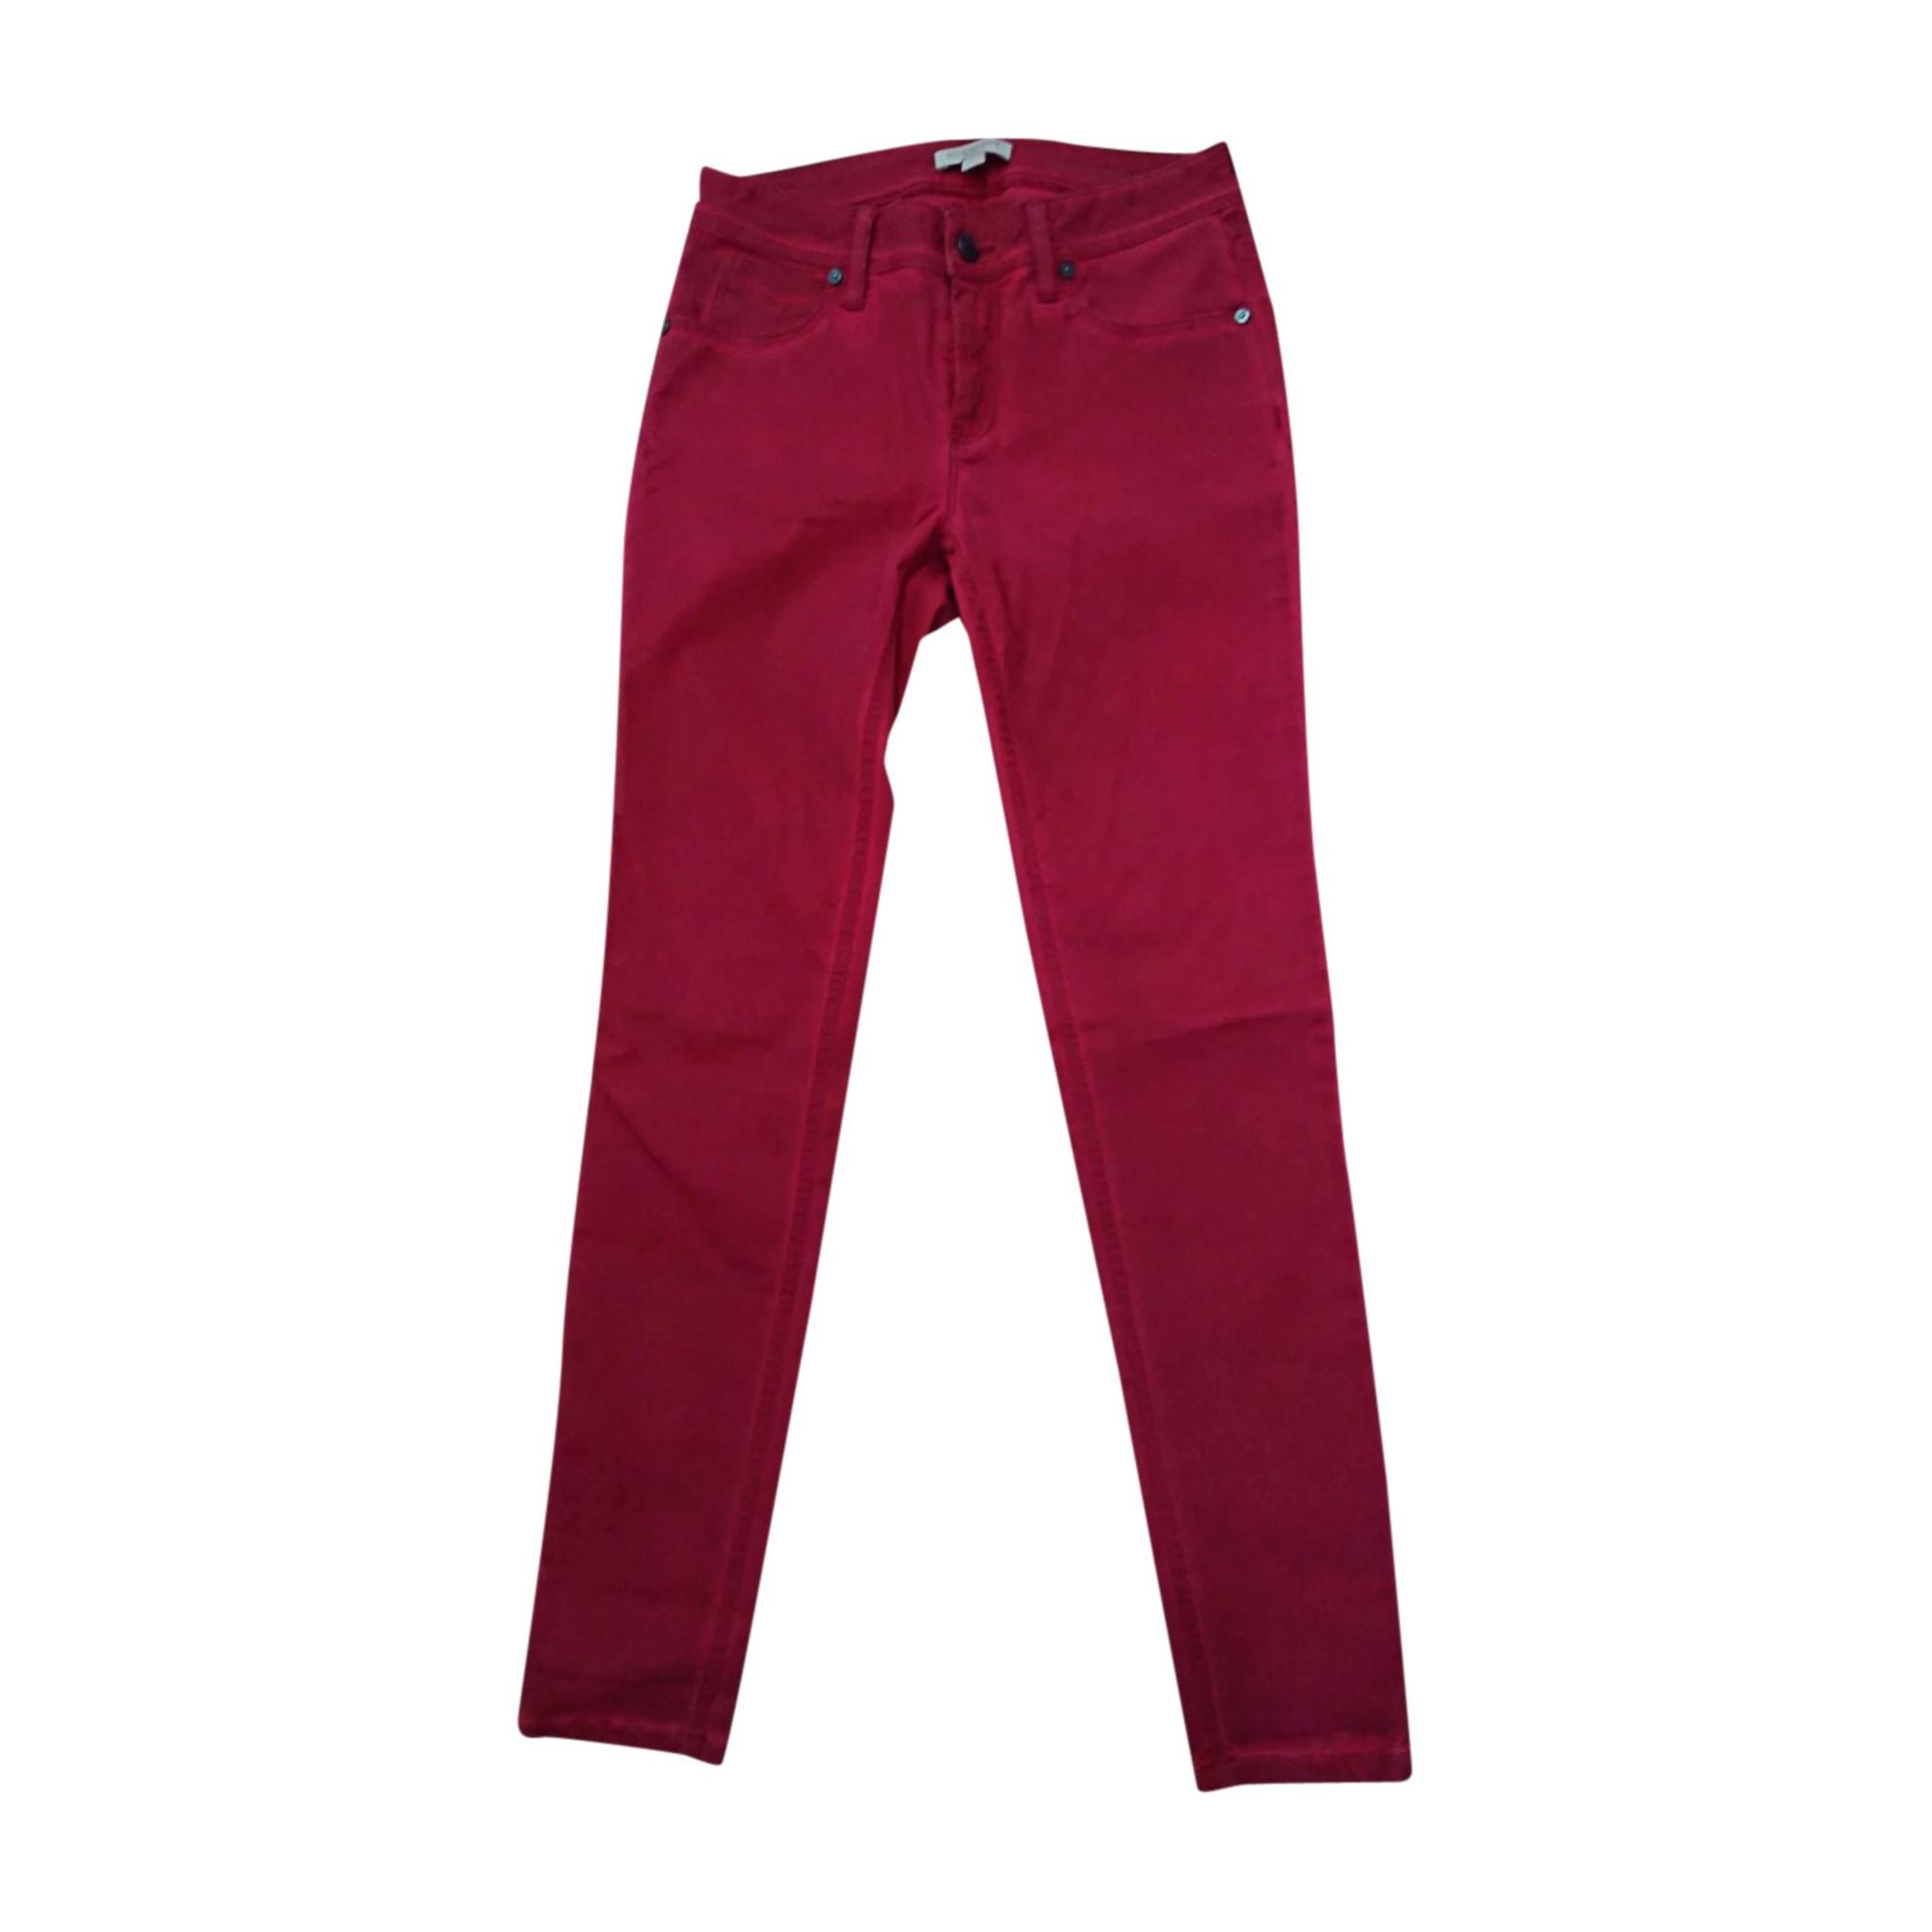 Jeans slim BURBERRY Rouge, bordeaux